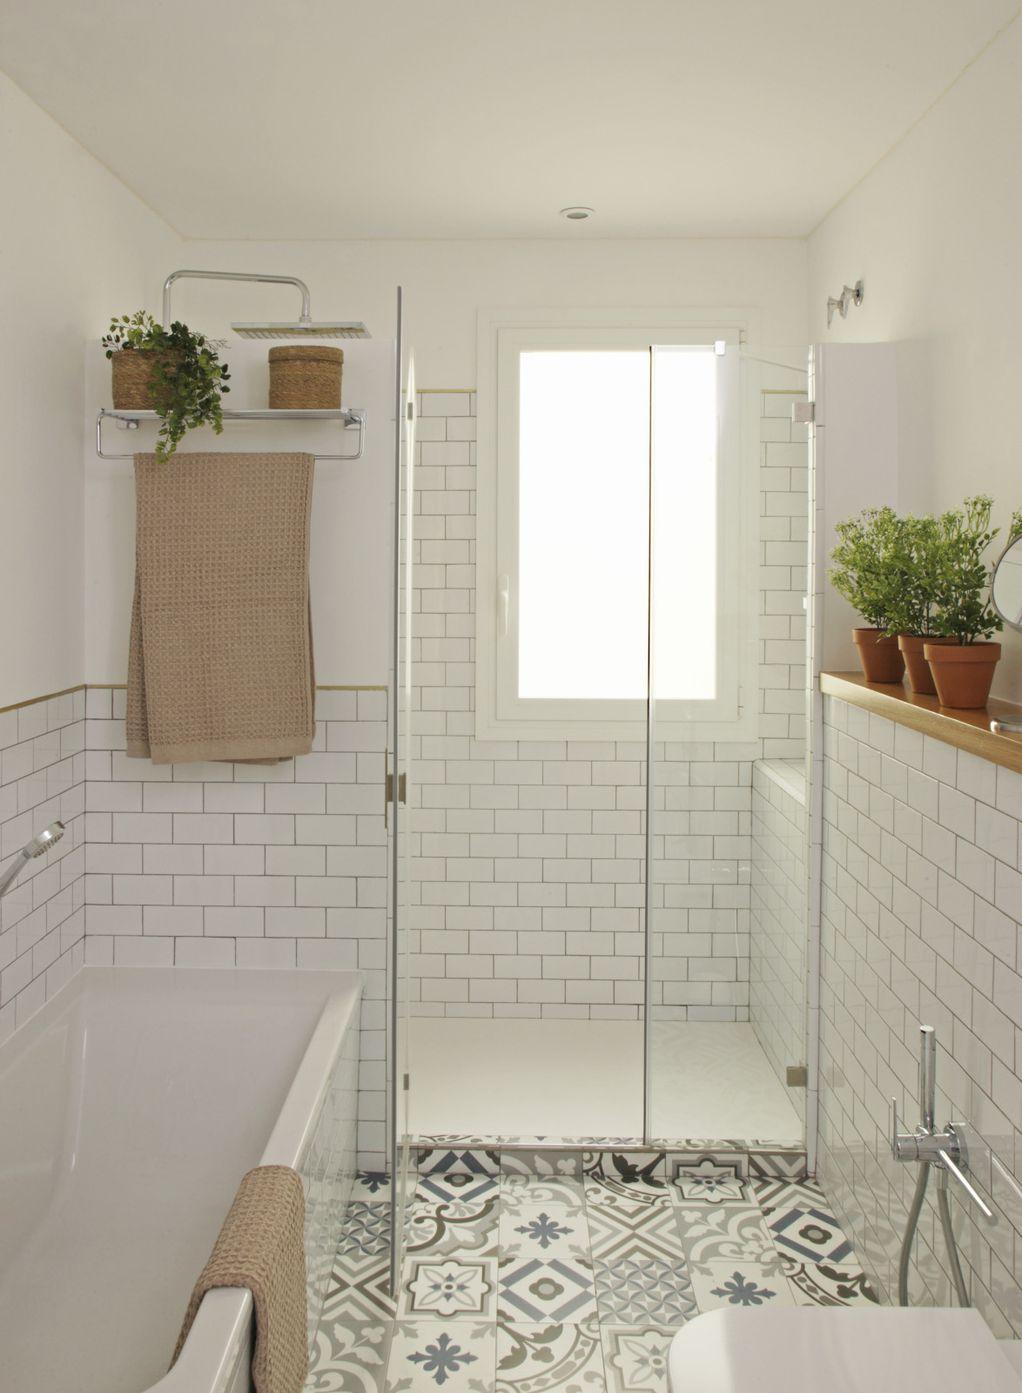 Свежо и релаксирачко: Идеи што ќе ве натераат да ја украсите бањата со растенија